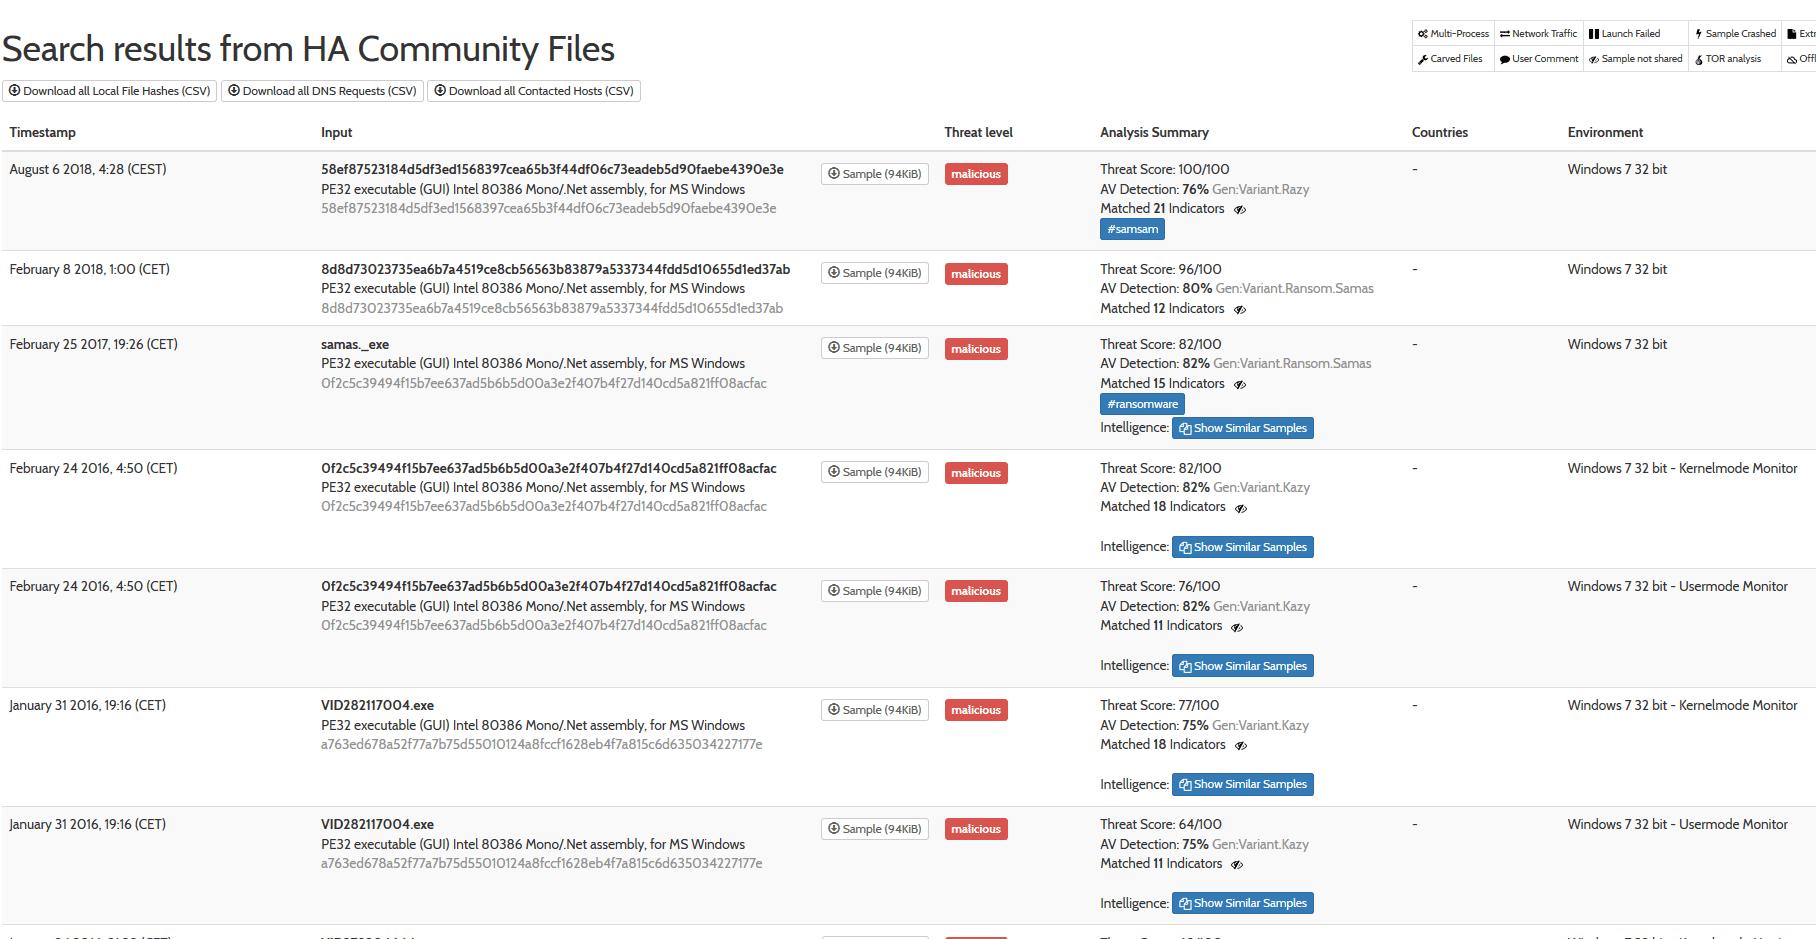 """Die Sucherergebnisse erscheinen in einer übersichtlichen Liste. Identische Dateigrößen nebst weitererer identischer Eigenschaften zeigen, dass die """"SamSam""""-Jagd erfolgreich war."""